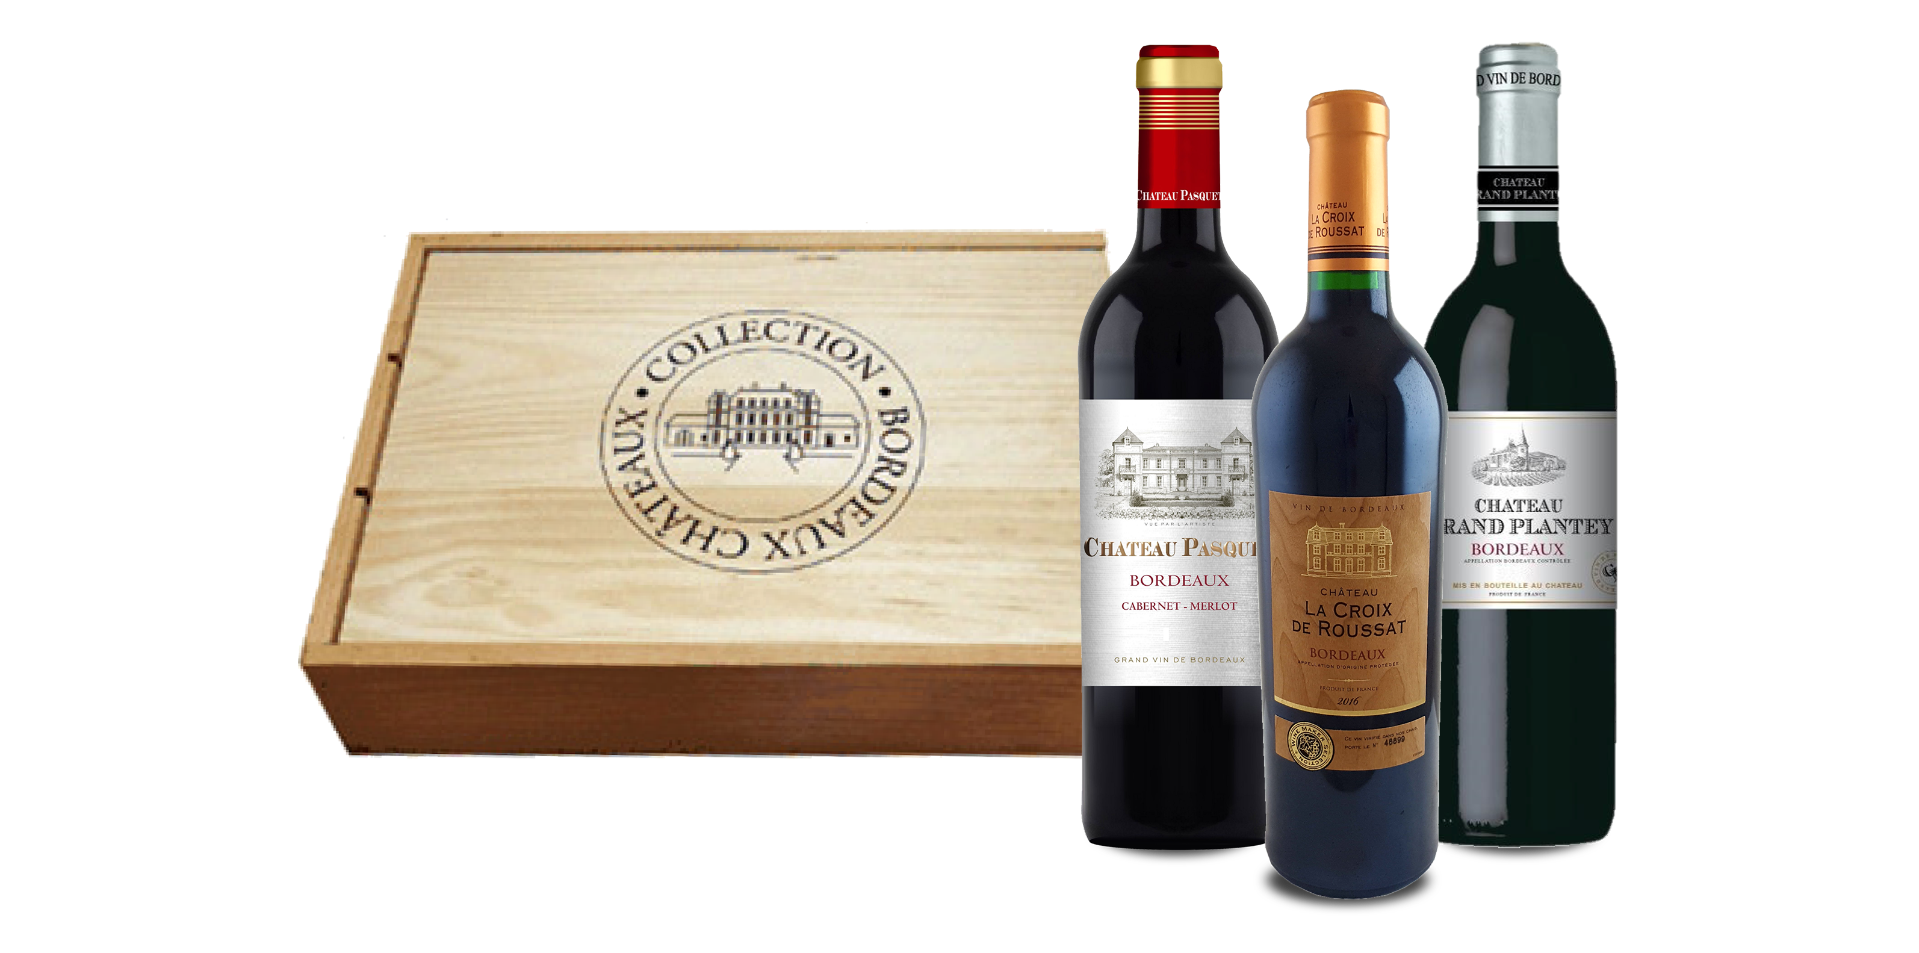 Goudbekroonde Bordeaux Ch�teau Collectie (3 flessen)